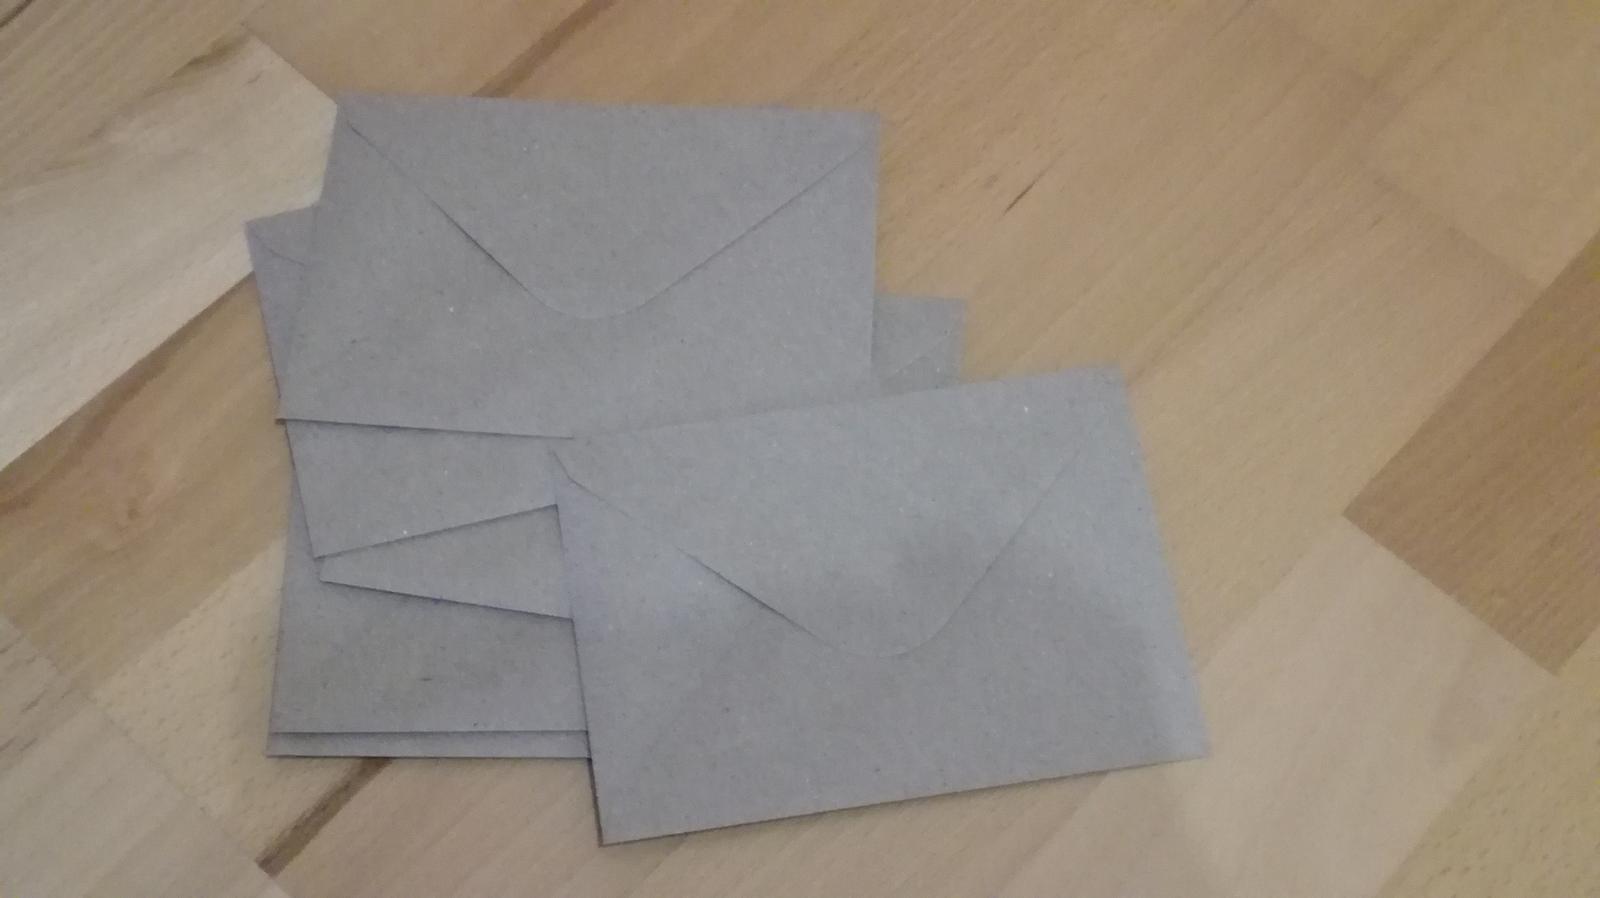 Hnedé obálky - Obrázok č. 1